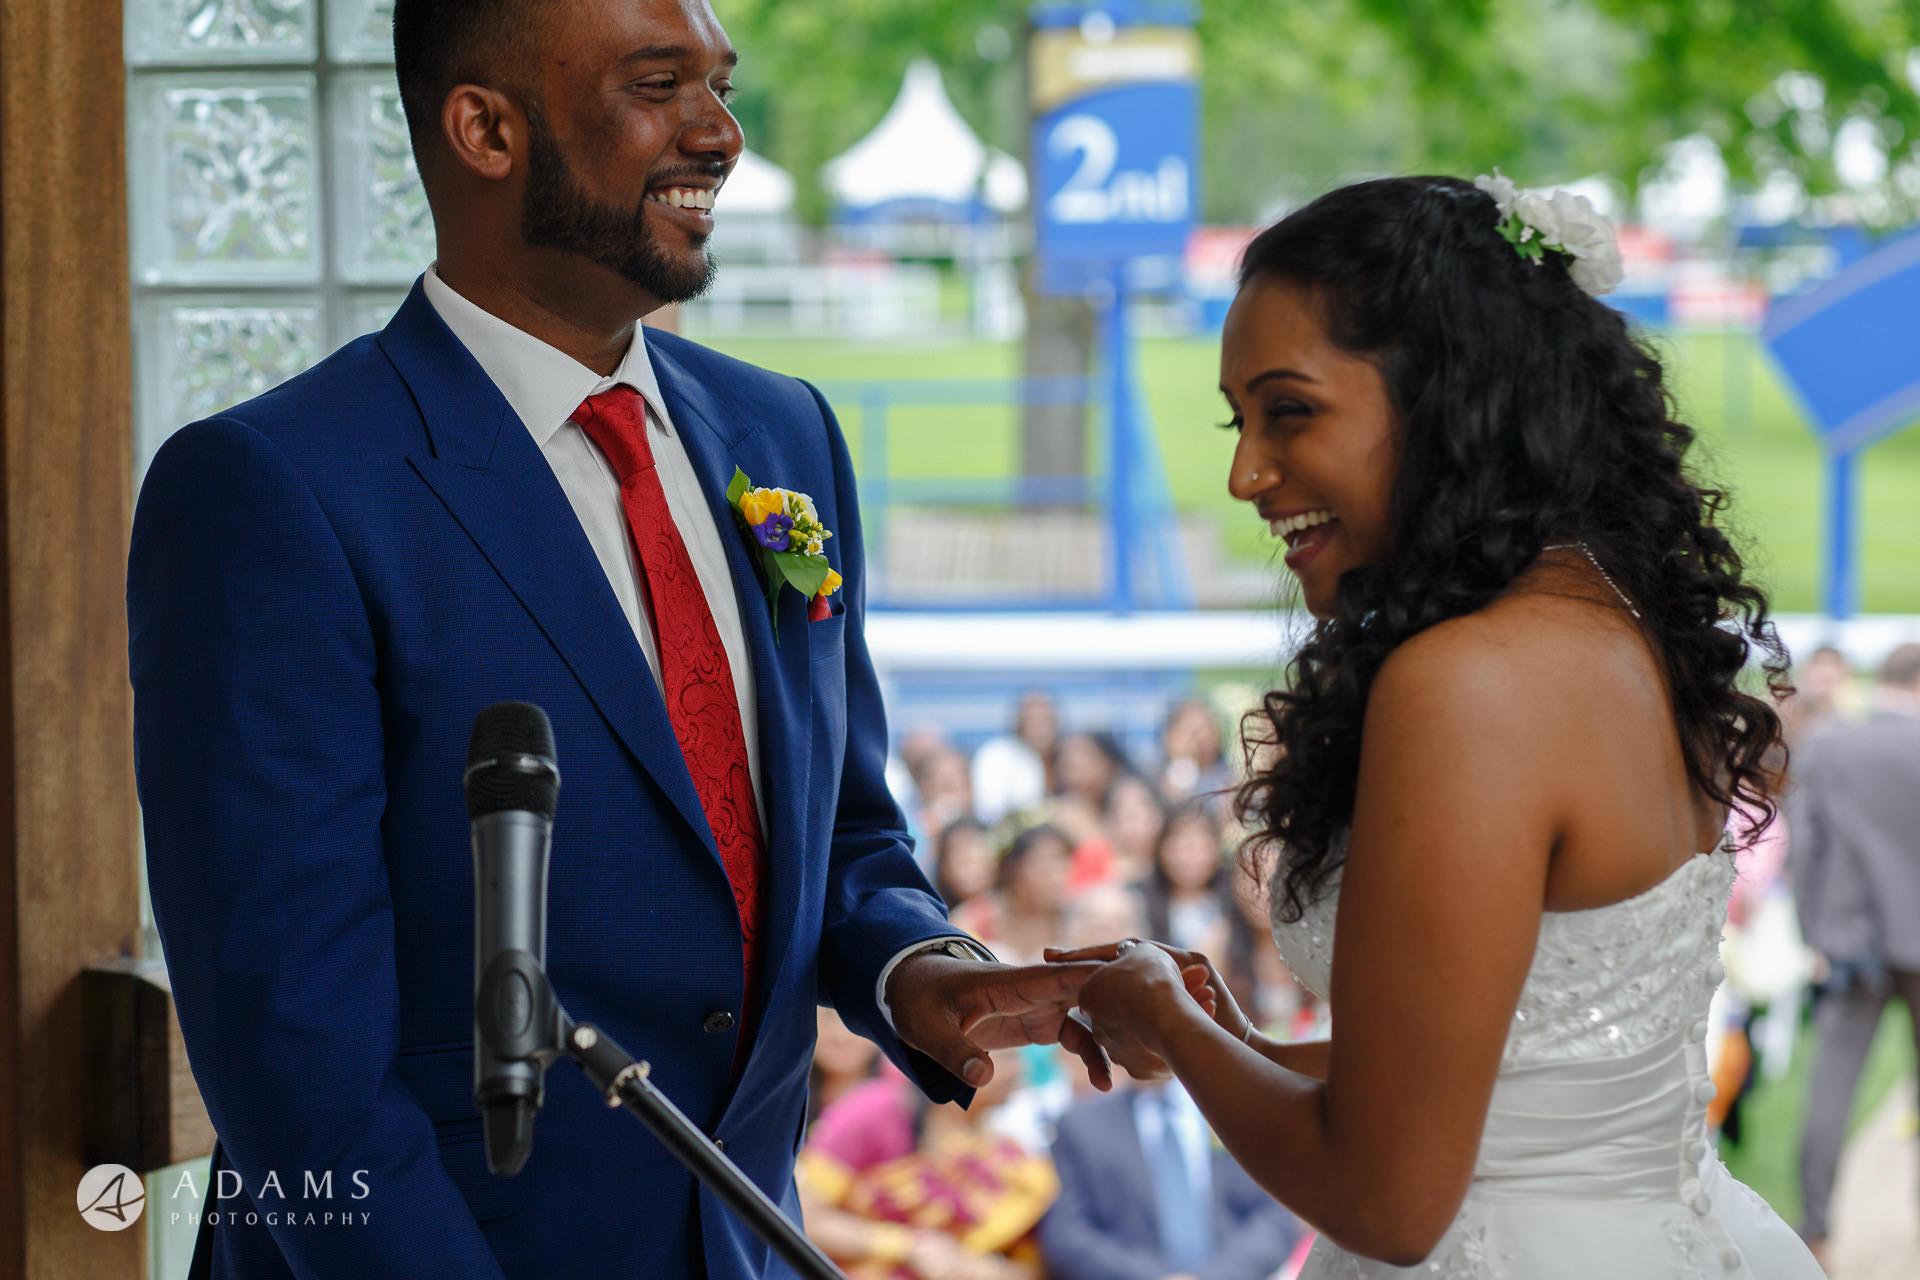 Windsor Racecourse Wedding Photographer | Saranya + Gobi 24